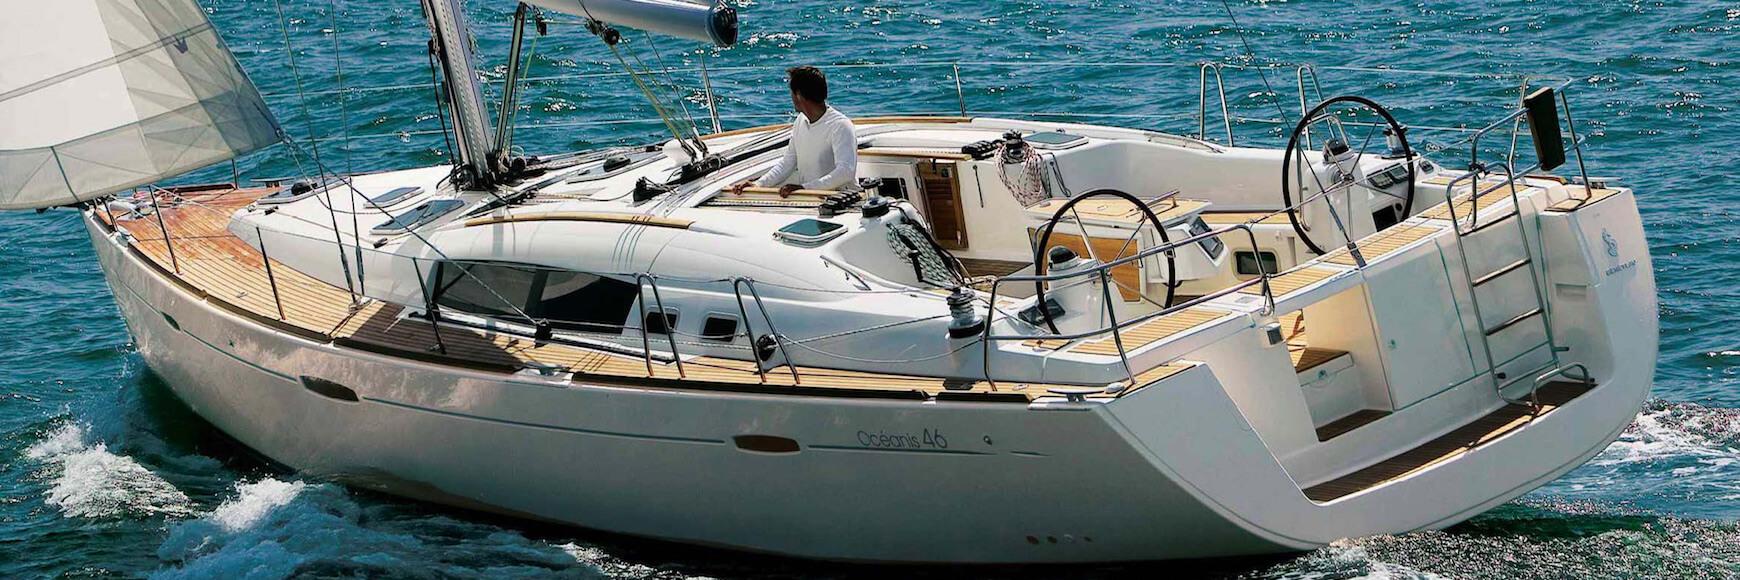 Rental sailboat